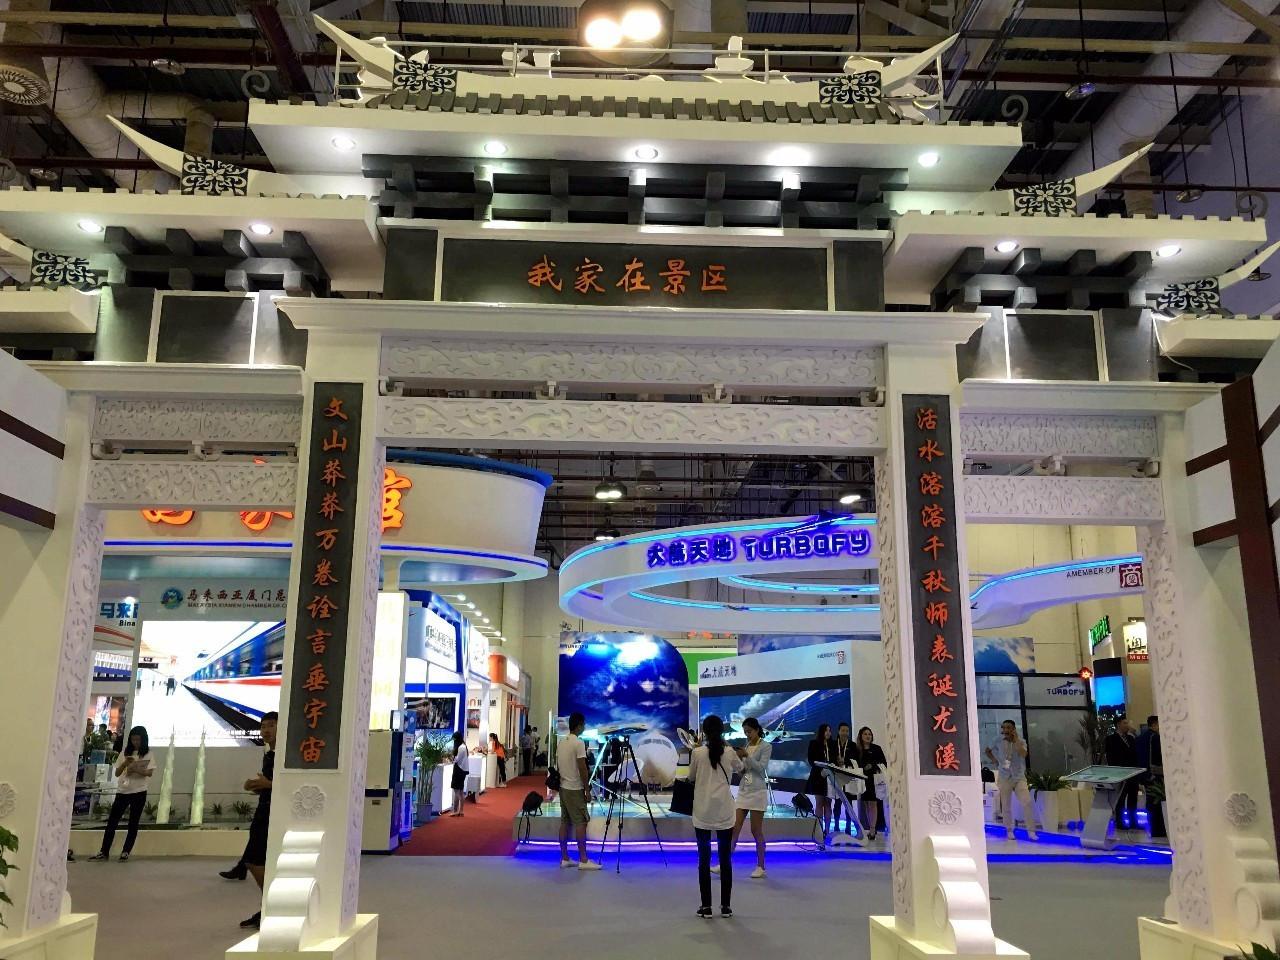 财经 正文  据介绍,整个展馆主要由图文展板,产品体验区,产品展示区